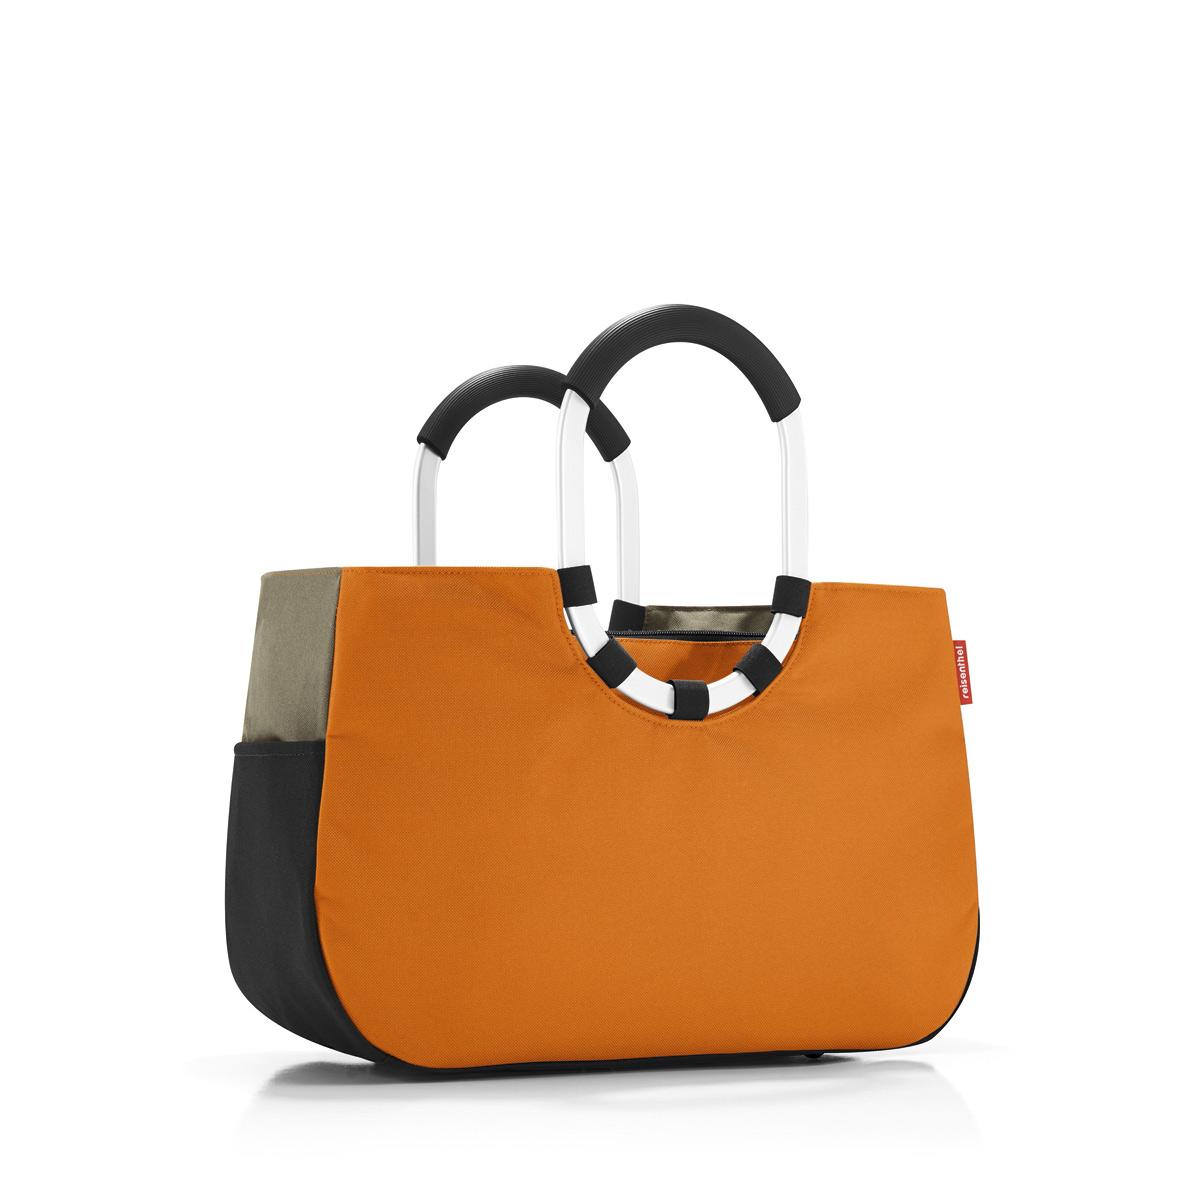 Сумка женская Reisenthel, цвет: оранжевый, черный, темно-бежевый. OS3045OS3045Практичная женская сумка Reisenthel изготовлена из текстиля. Сумка имеет одно отделение, внутри которого находится прорезной карман на застежке-молнии. Снаружи, по боковым сторонам сумки расположены накладные открытые карманы. Изделие оснащено съемным отделением на застежке-молнии, которое пристегивается к сумке с помощью хлястиков с кнопками. Съемное отделение снаружи дополнено прорезным карманом на застежке-молнии и накладным открытым кармашком. Сумка оснащена двумя алюминиевыми ручками с прорезиненными накладками, которые фиксируются с помощью липучек. Основание изделия защищено от повреждений пластиковыми ножками.